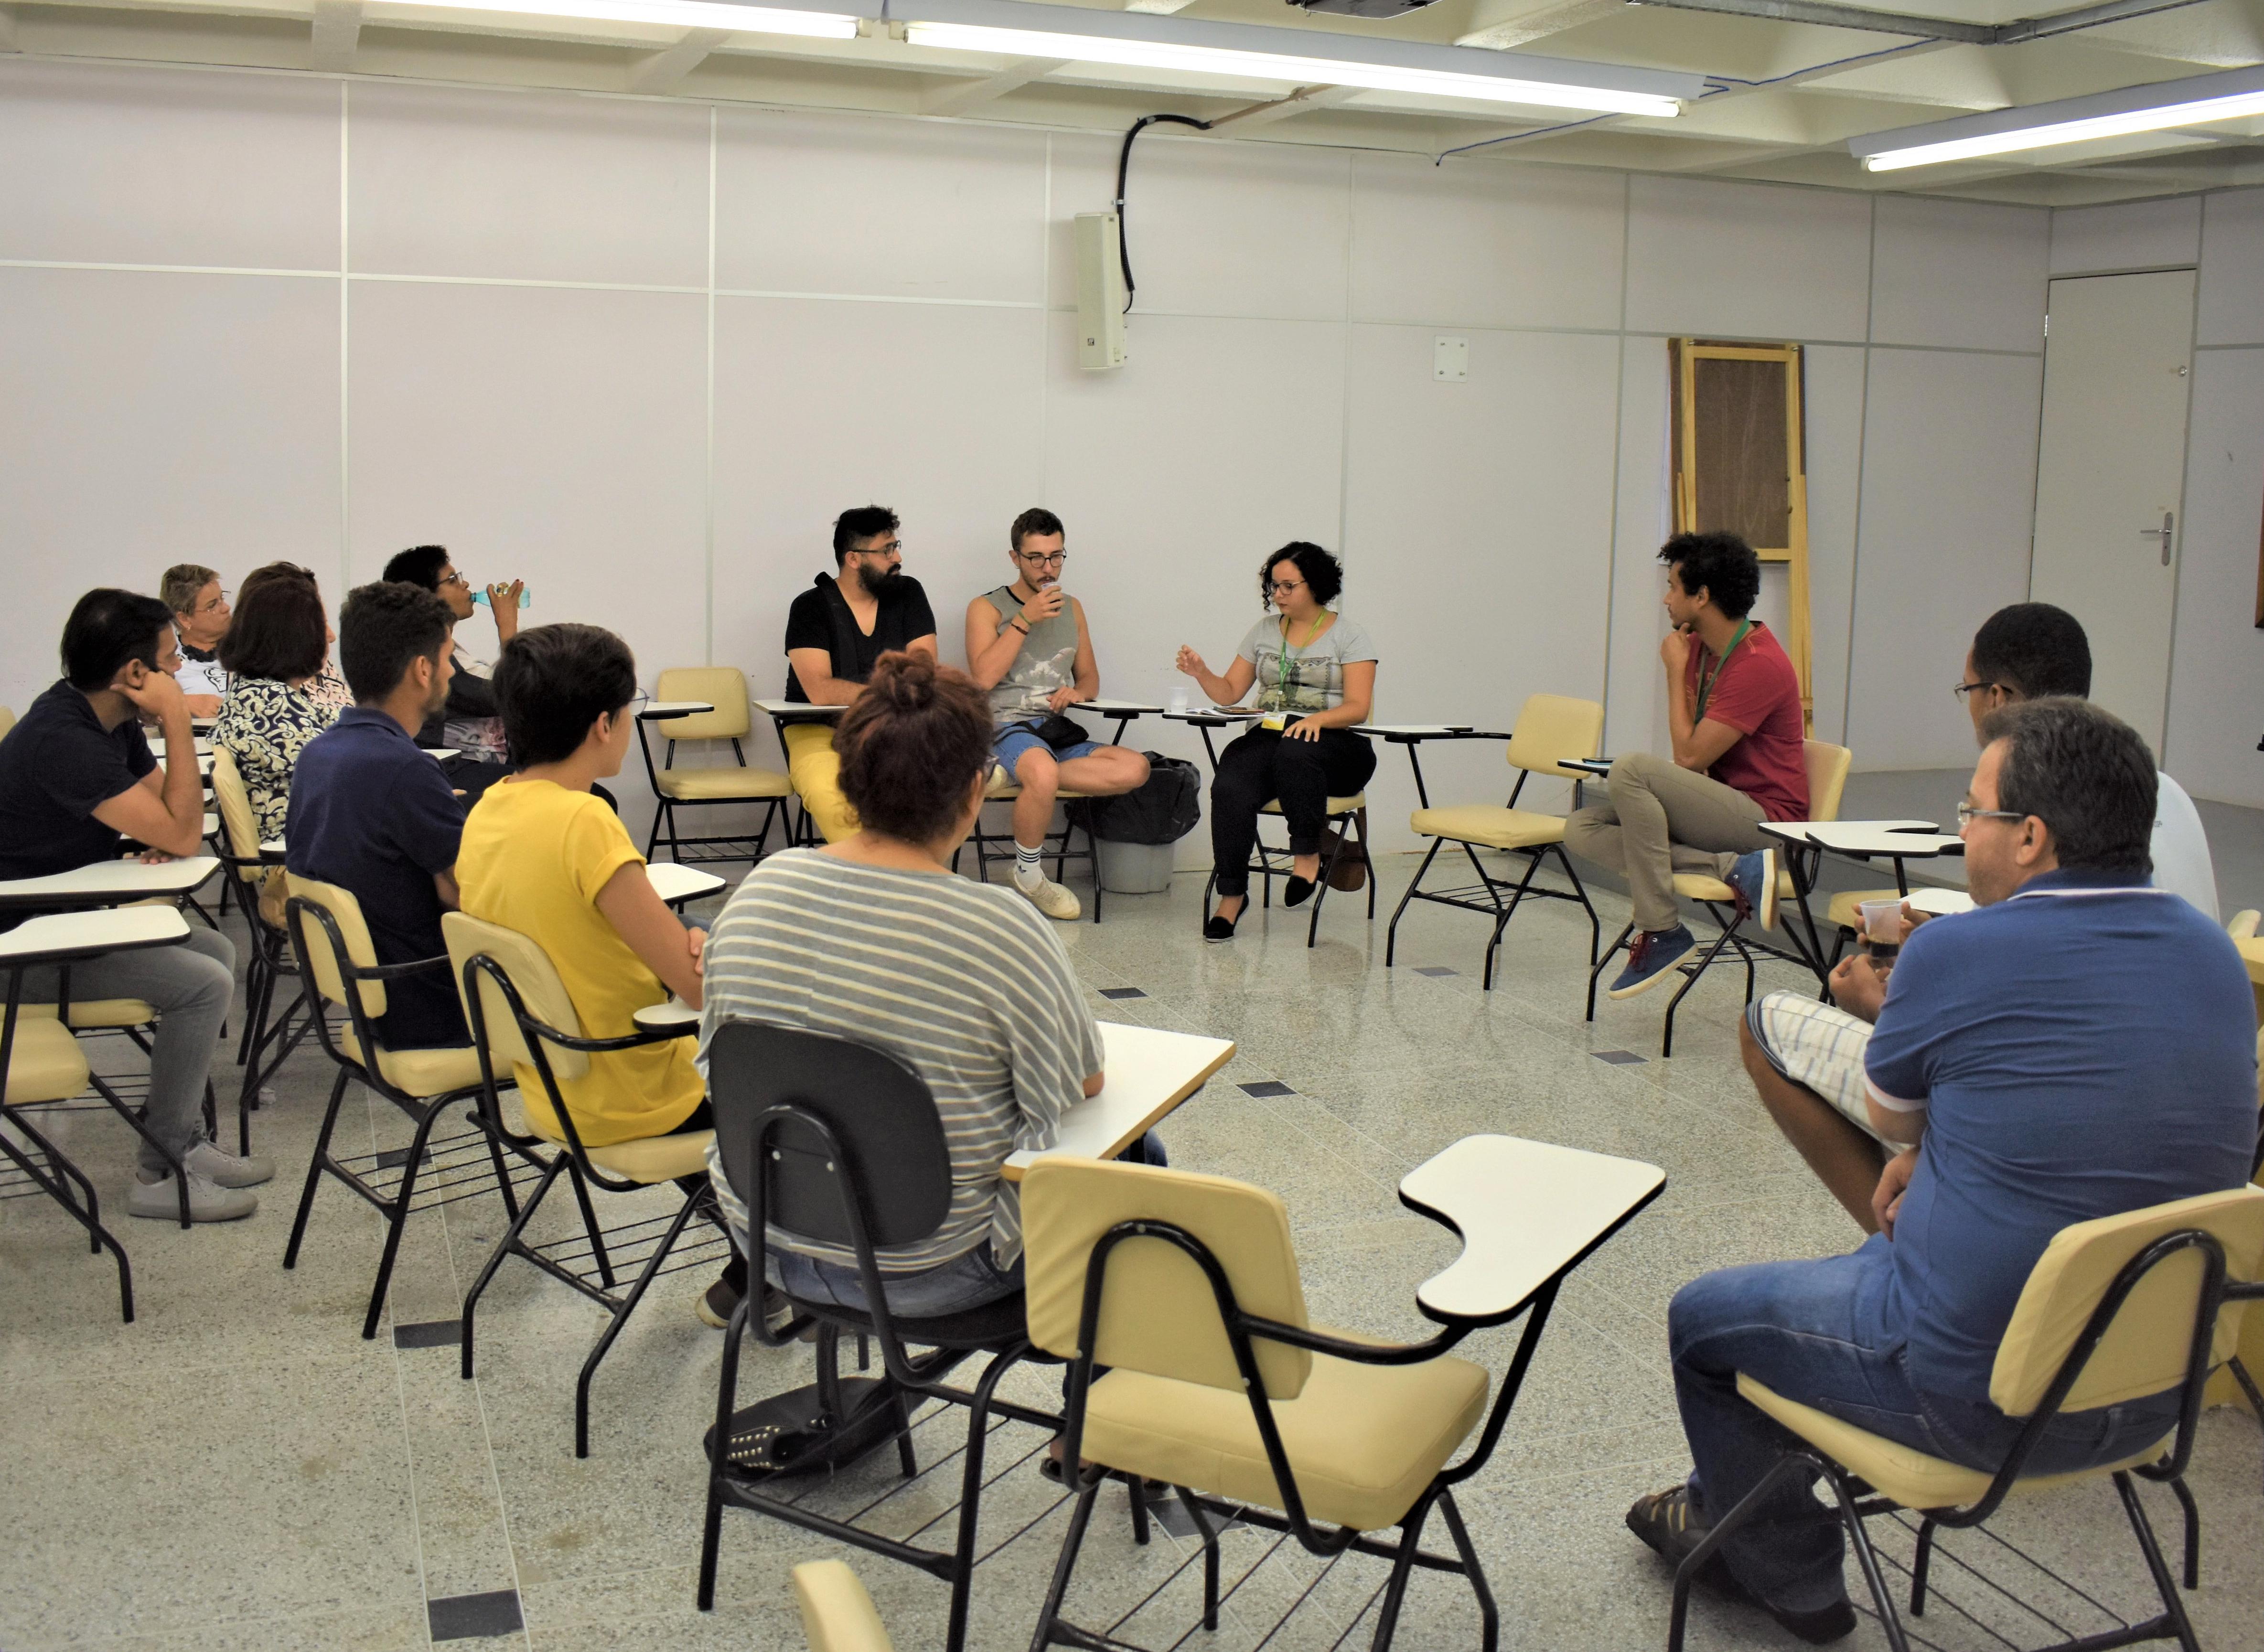 Questões étnicas e sociais são tema do Cine Debate